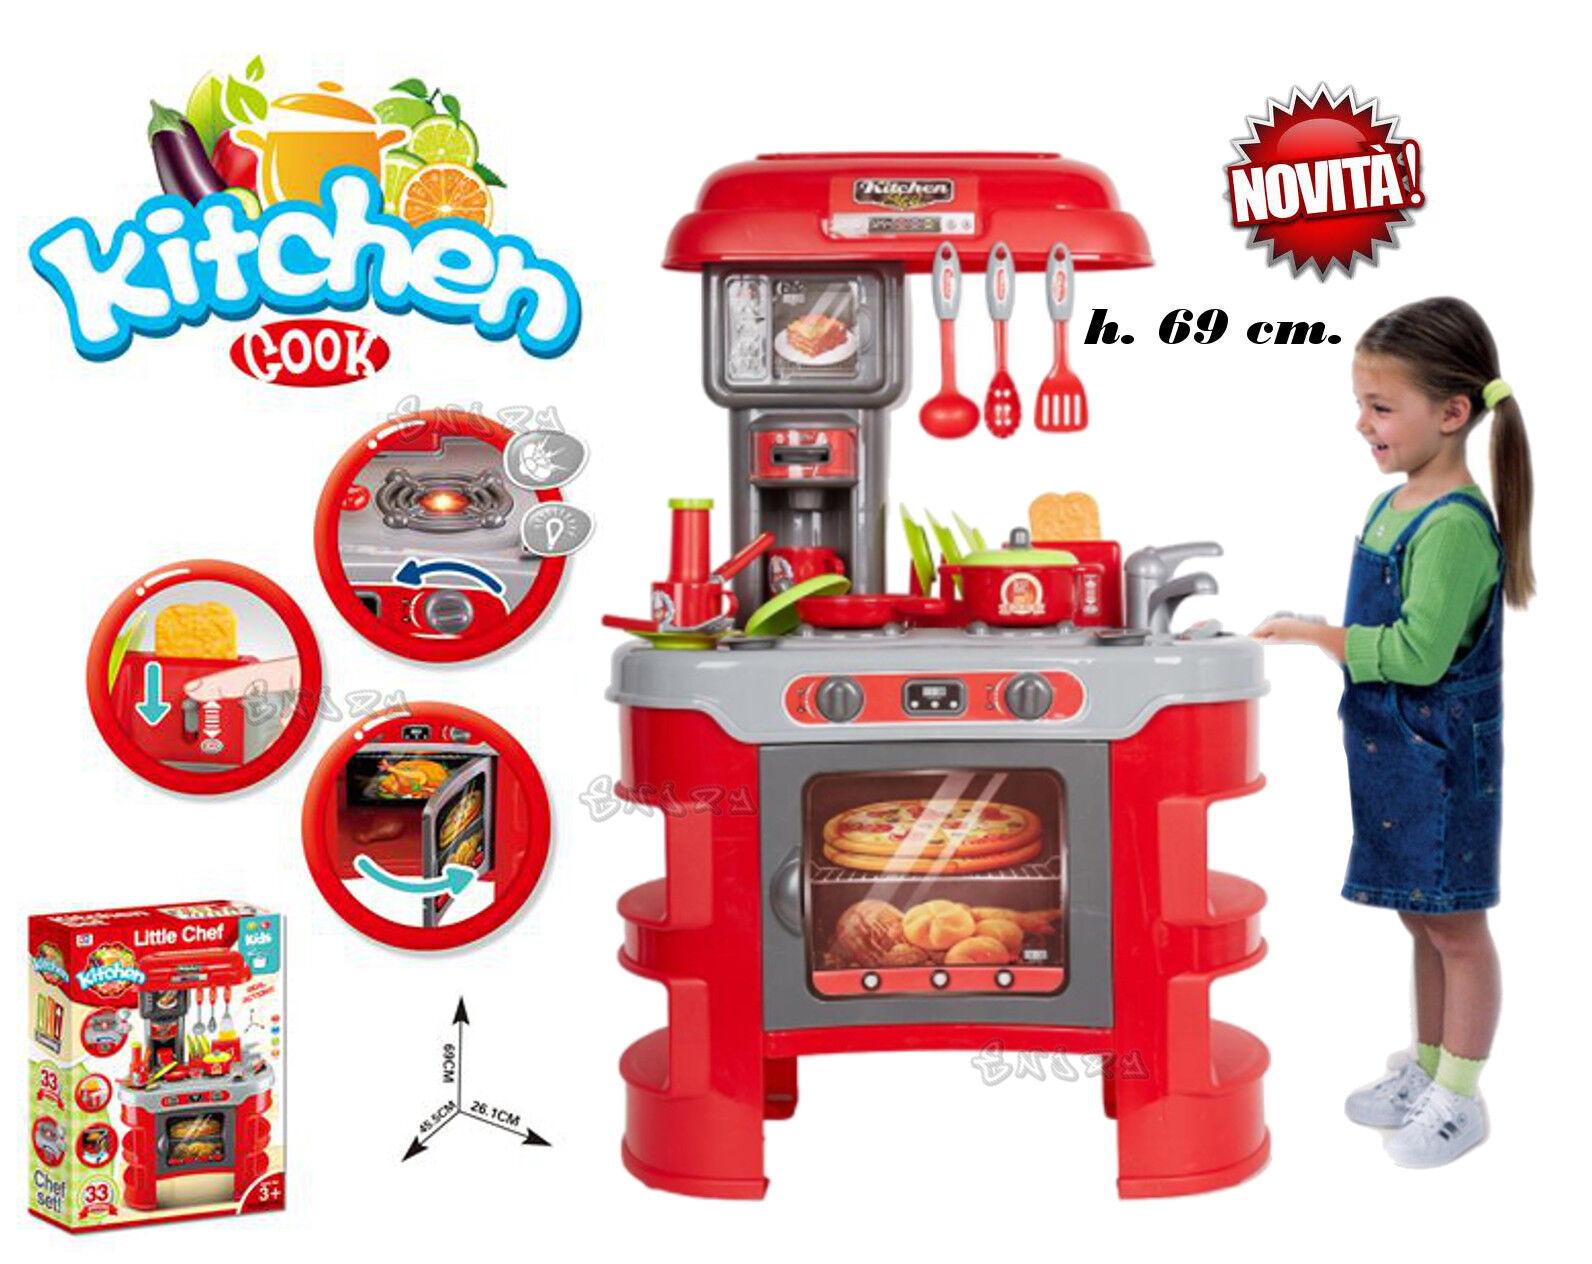 CUCINA GIOCATTOLO BIMBA cucina GRANDE per bambini chef con 30 accessori